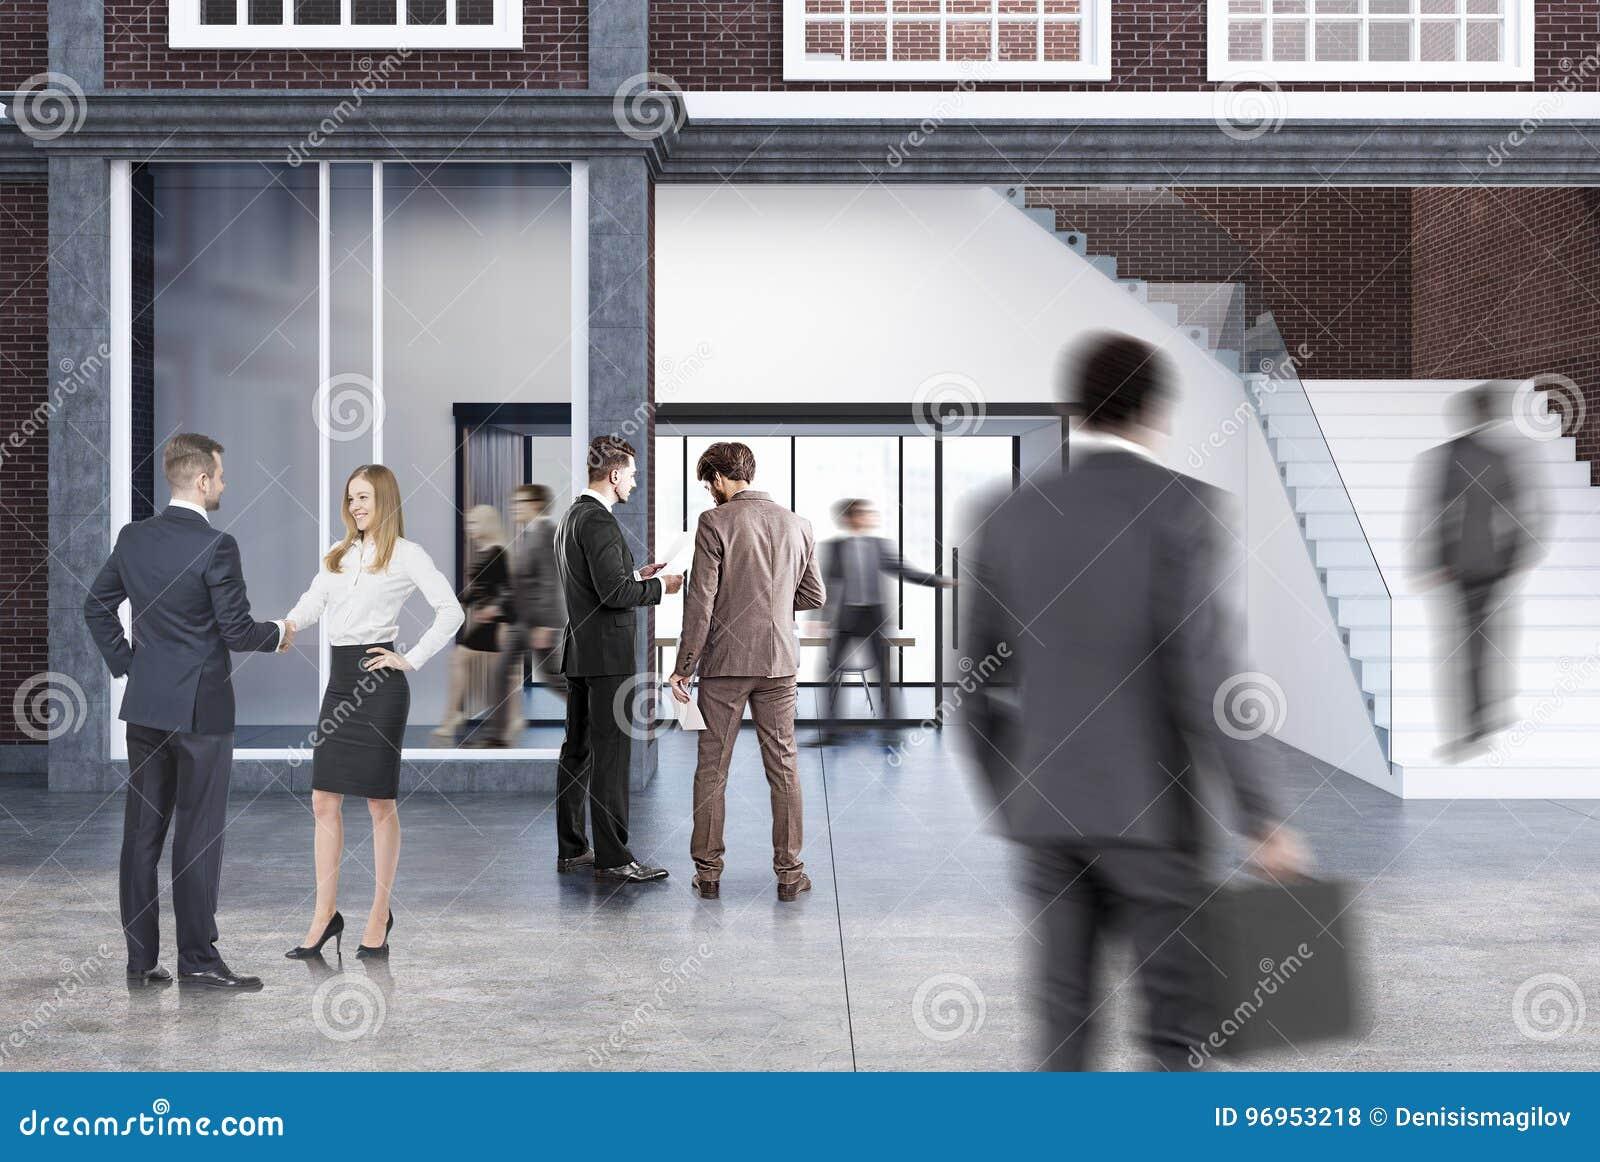 Konferensrum i ett kontor med en trappuppgång, män